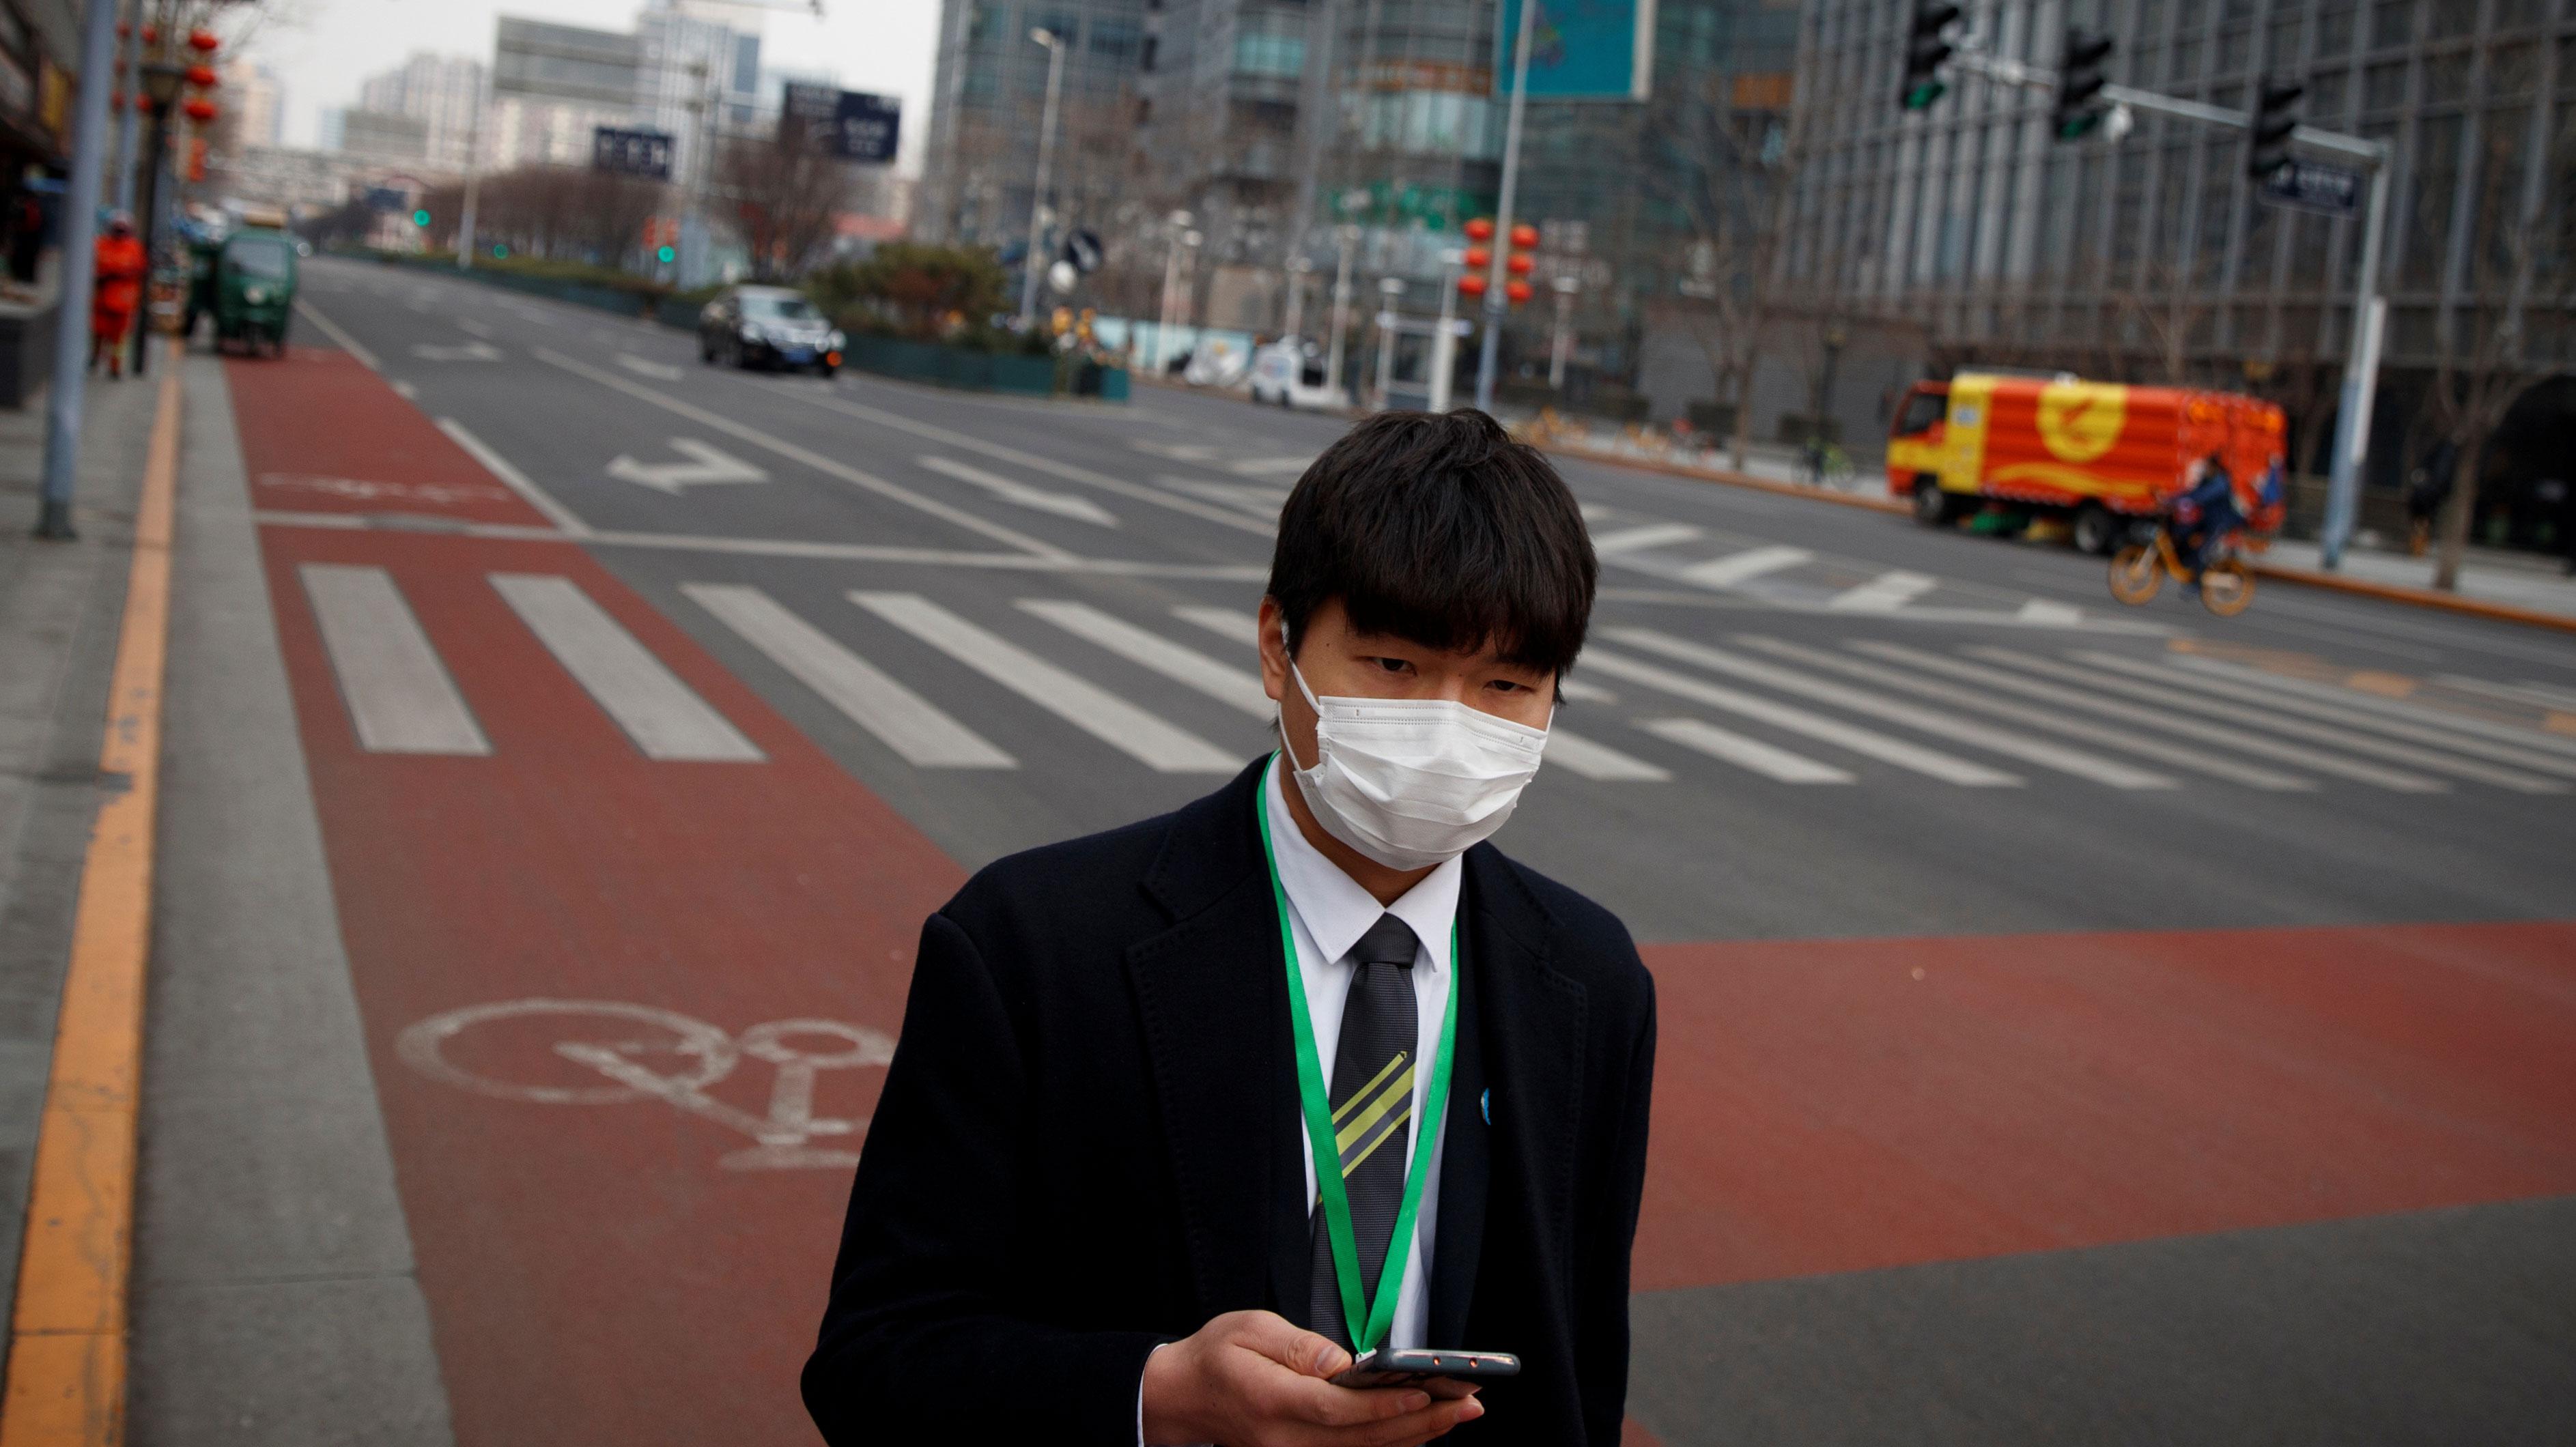 Coronavirus: Los sectores económicos más amenazados en el mundo por el impacto de la eventual pandemia